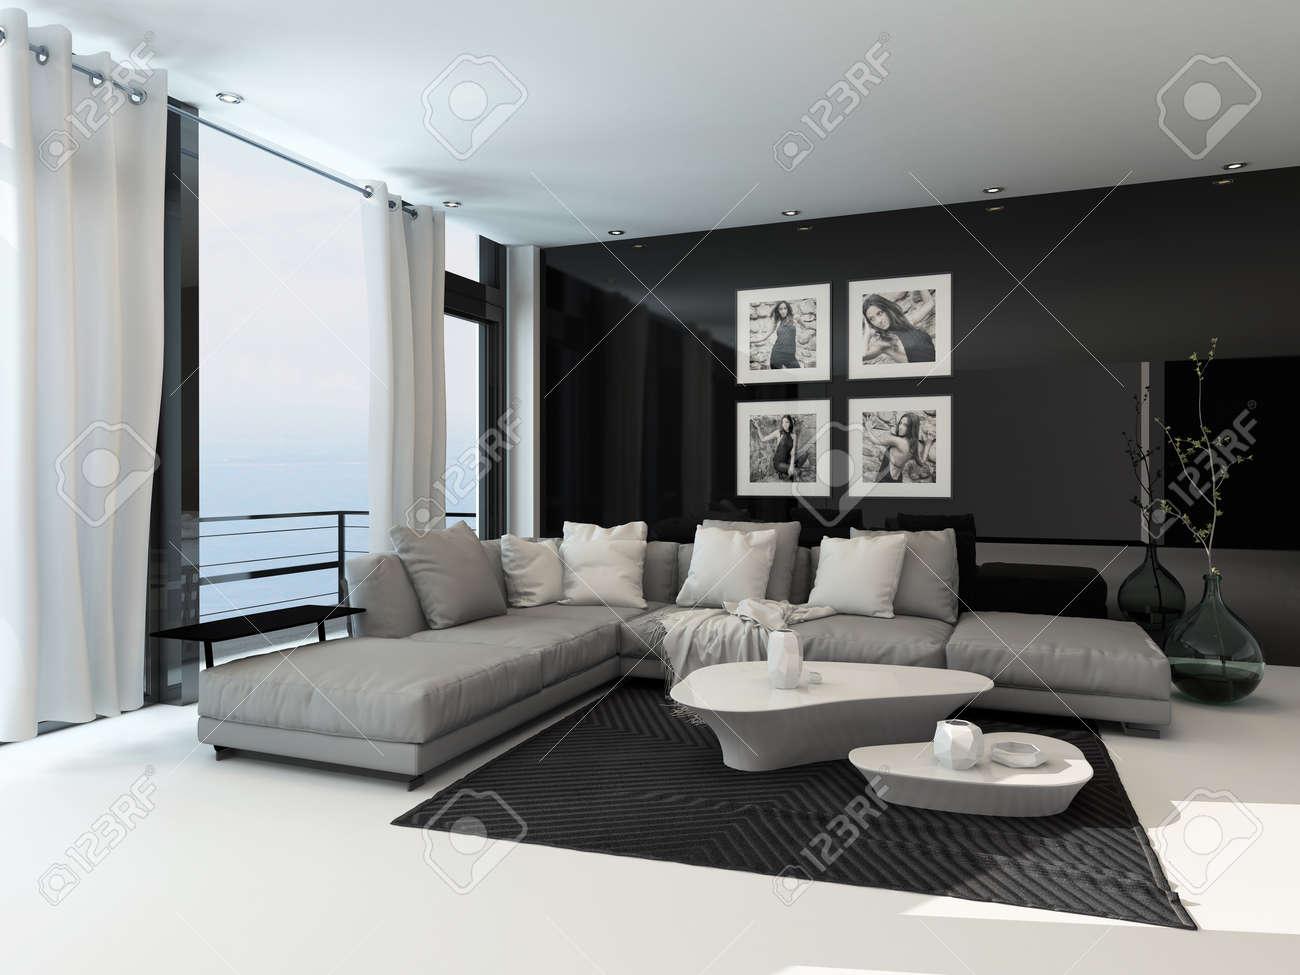 Lounge Innenraum In Einem Küsten Wohnung Mit Deckenhohen Fenstern ...